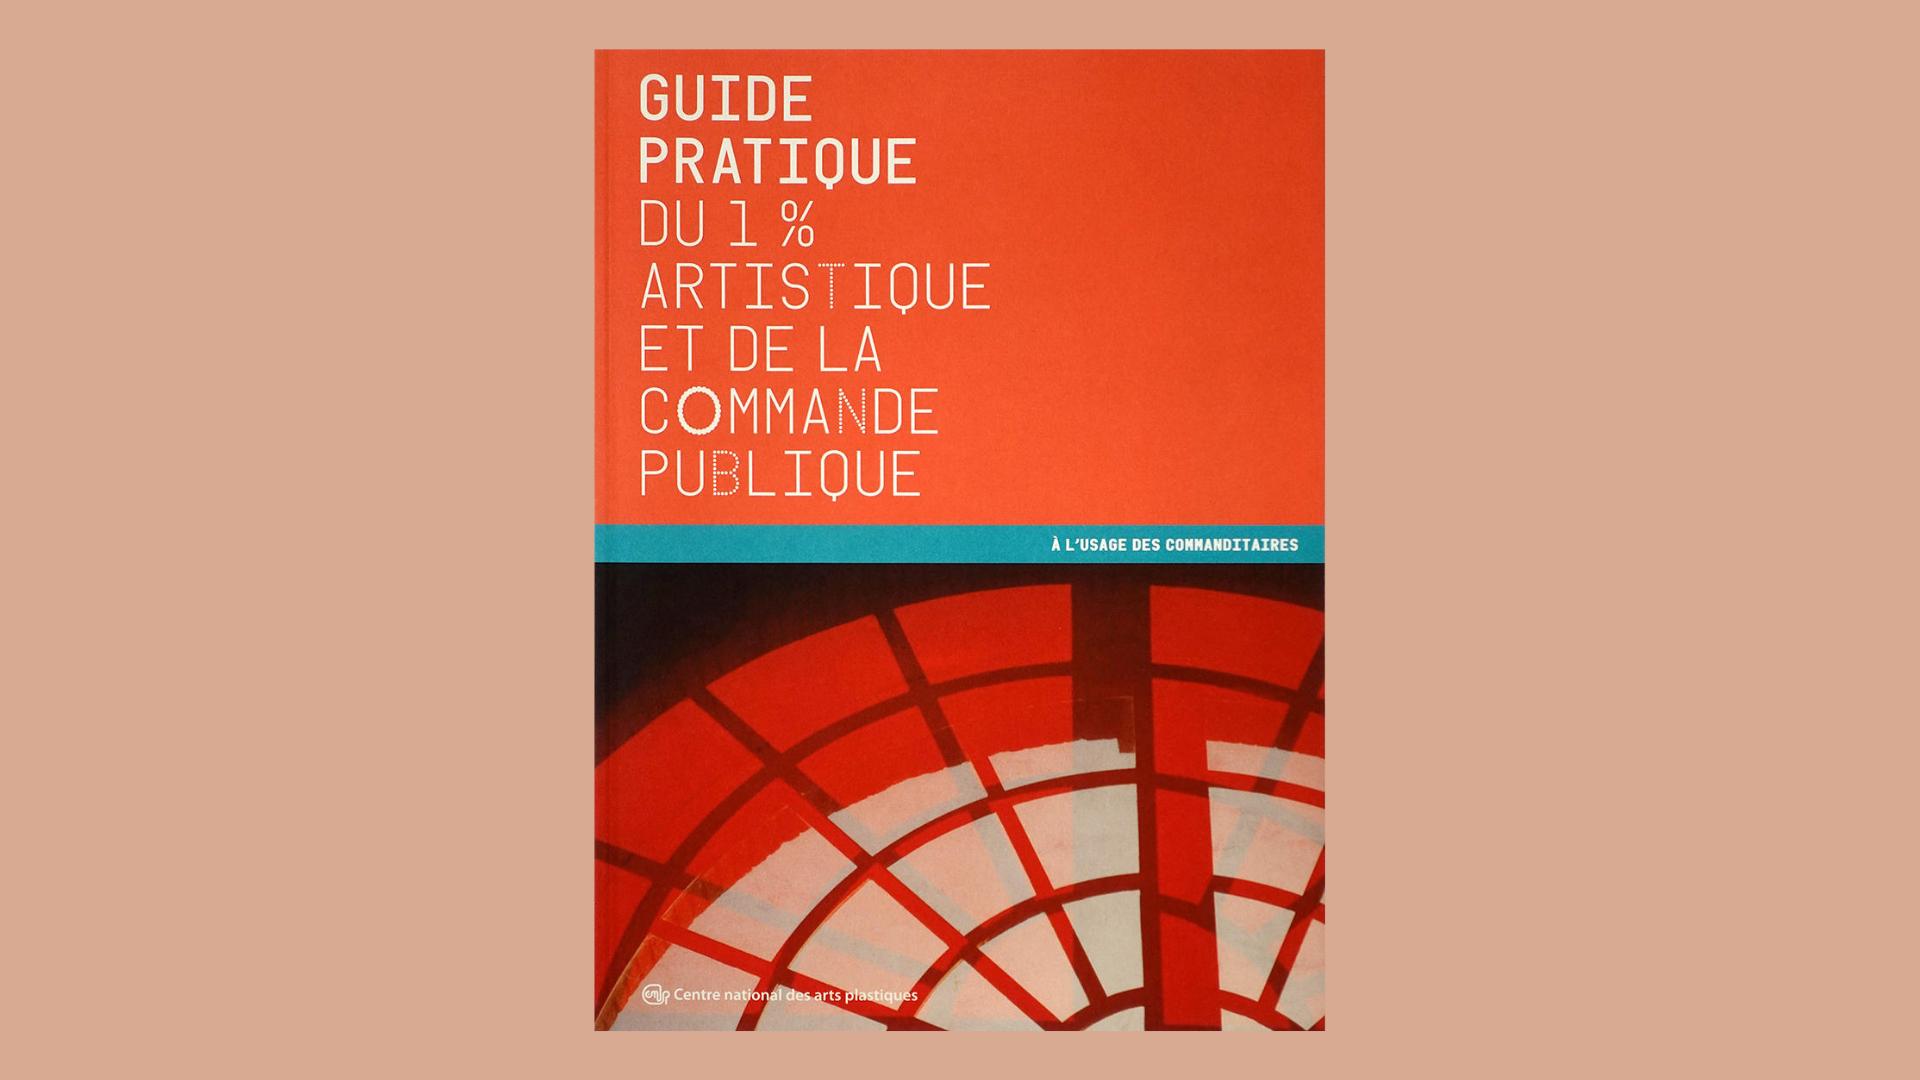 Guide pratique du 1% artistique et de la commande publique